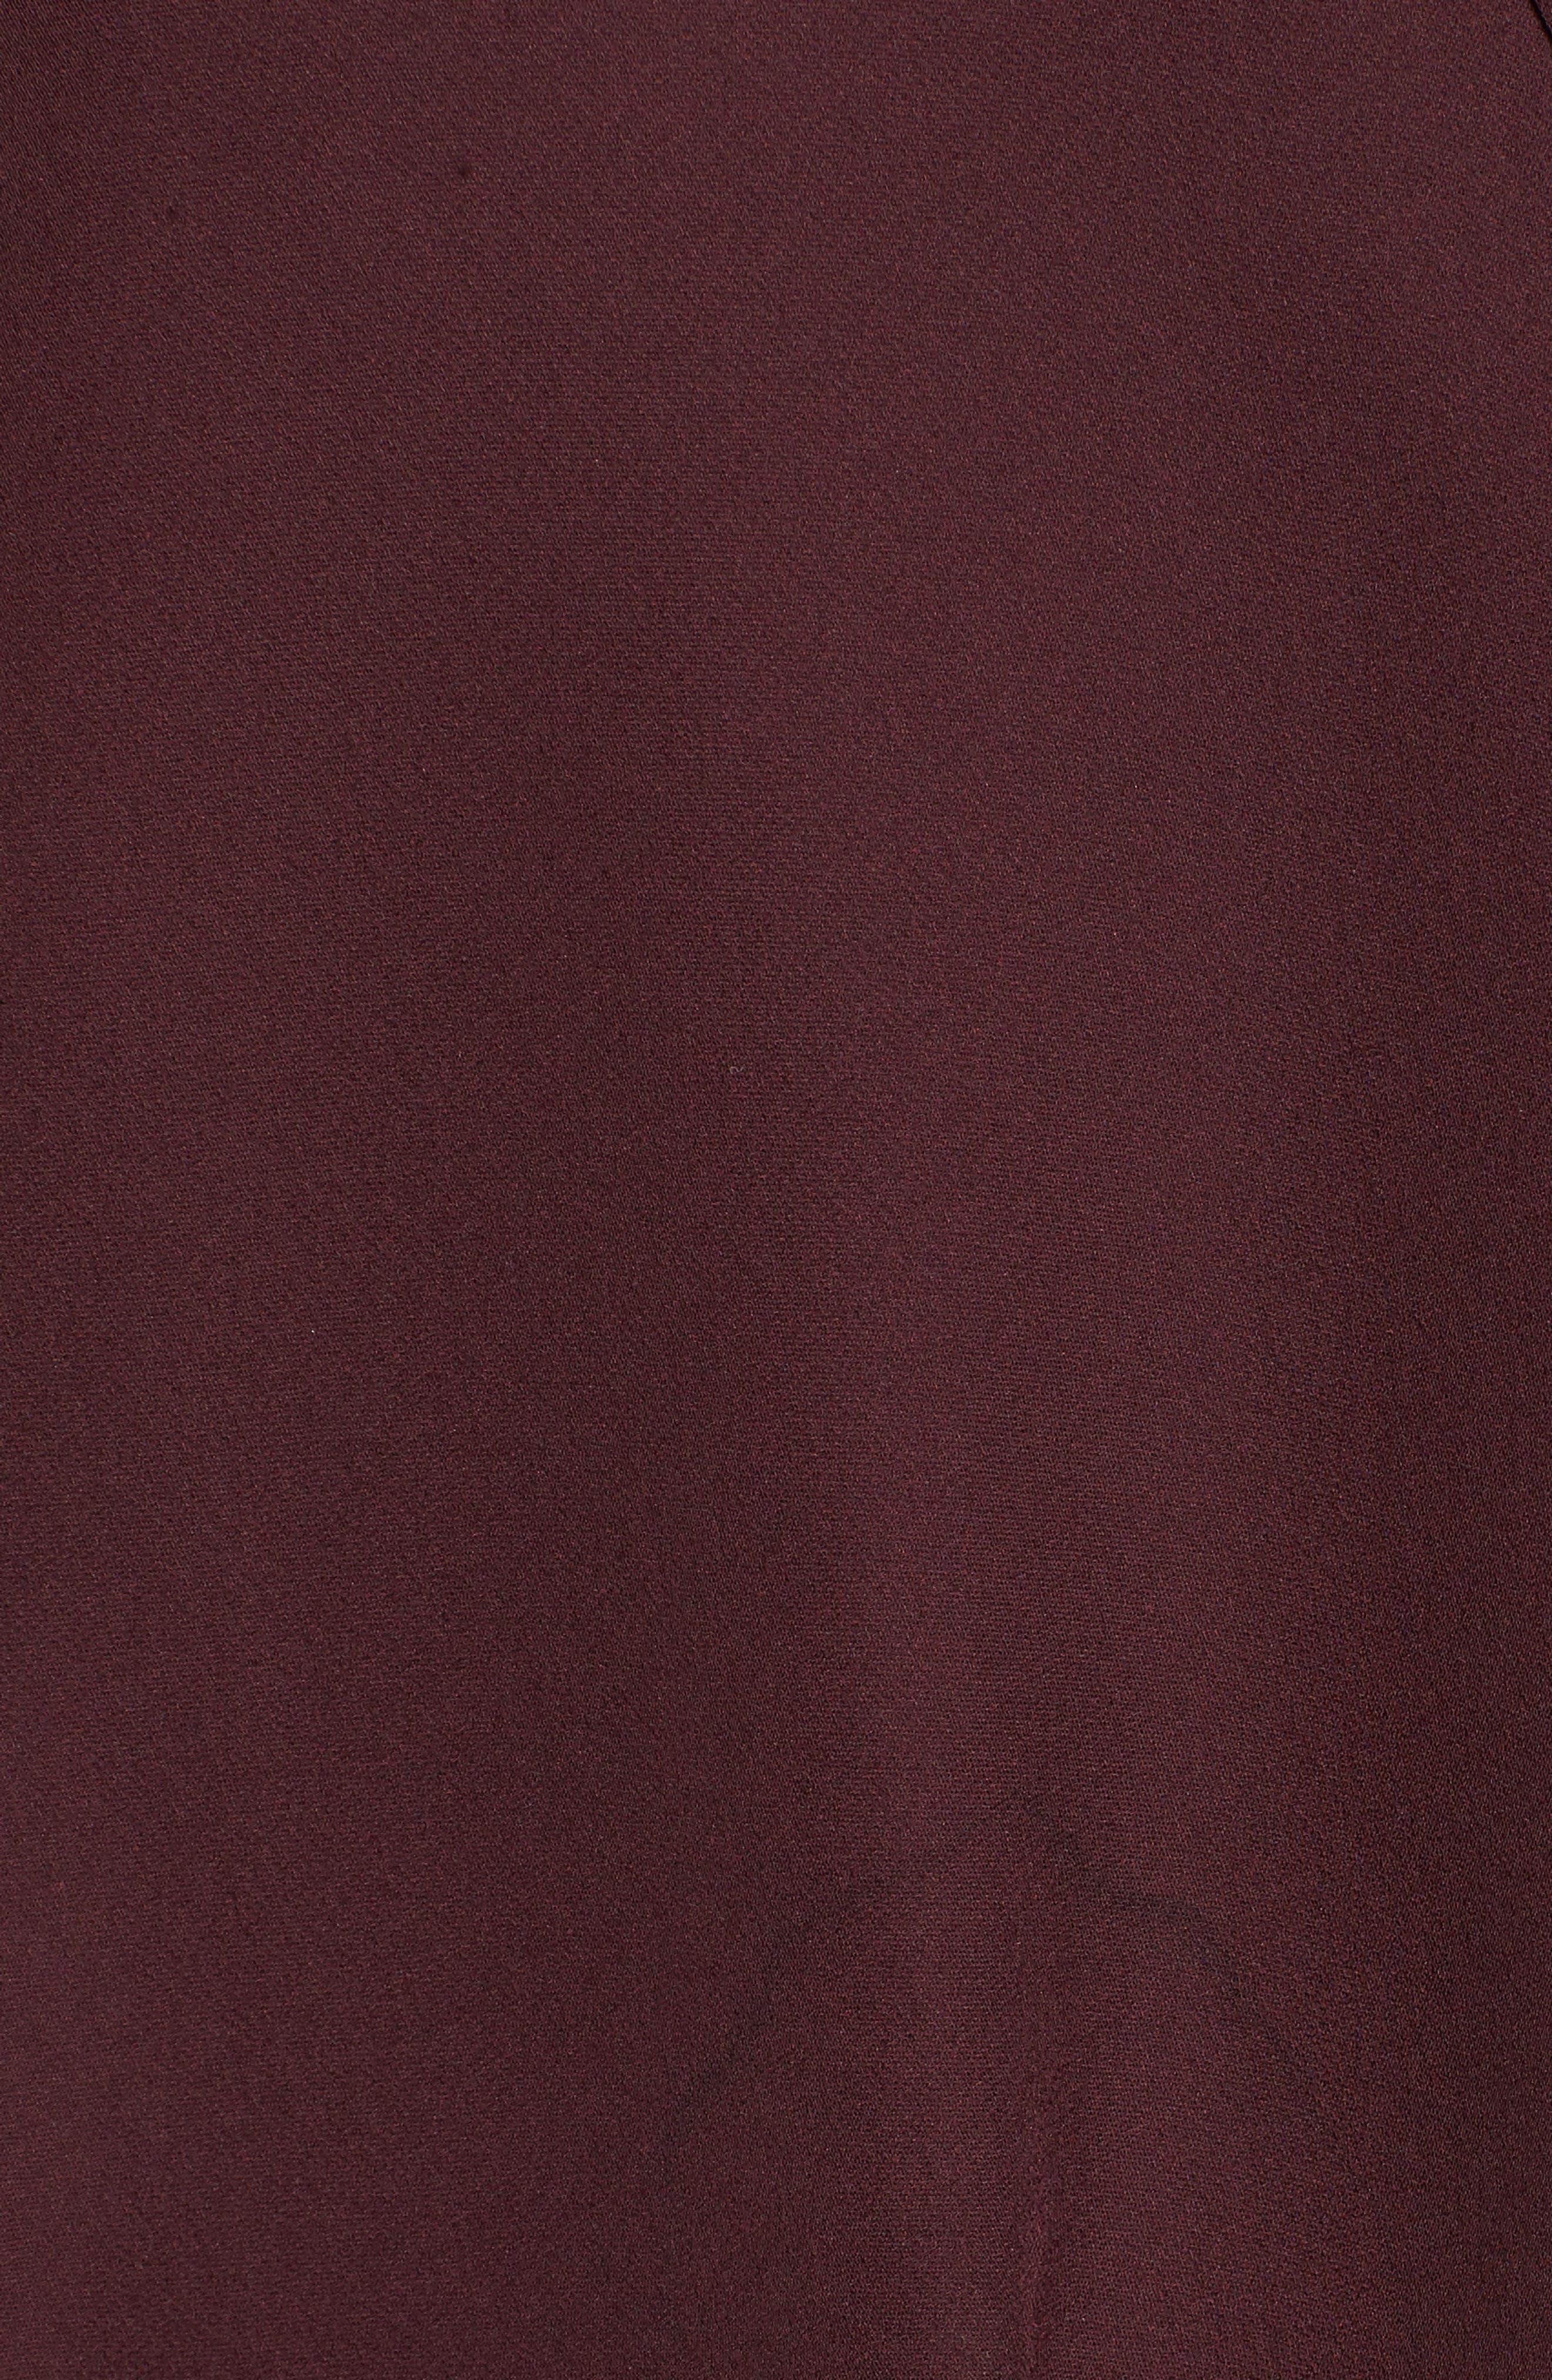 Kenji Tie Neck Dress,                             Alternate thumbnail 5, color,                             930